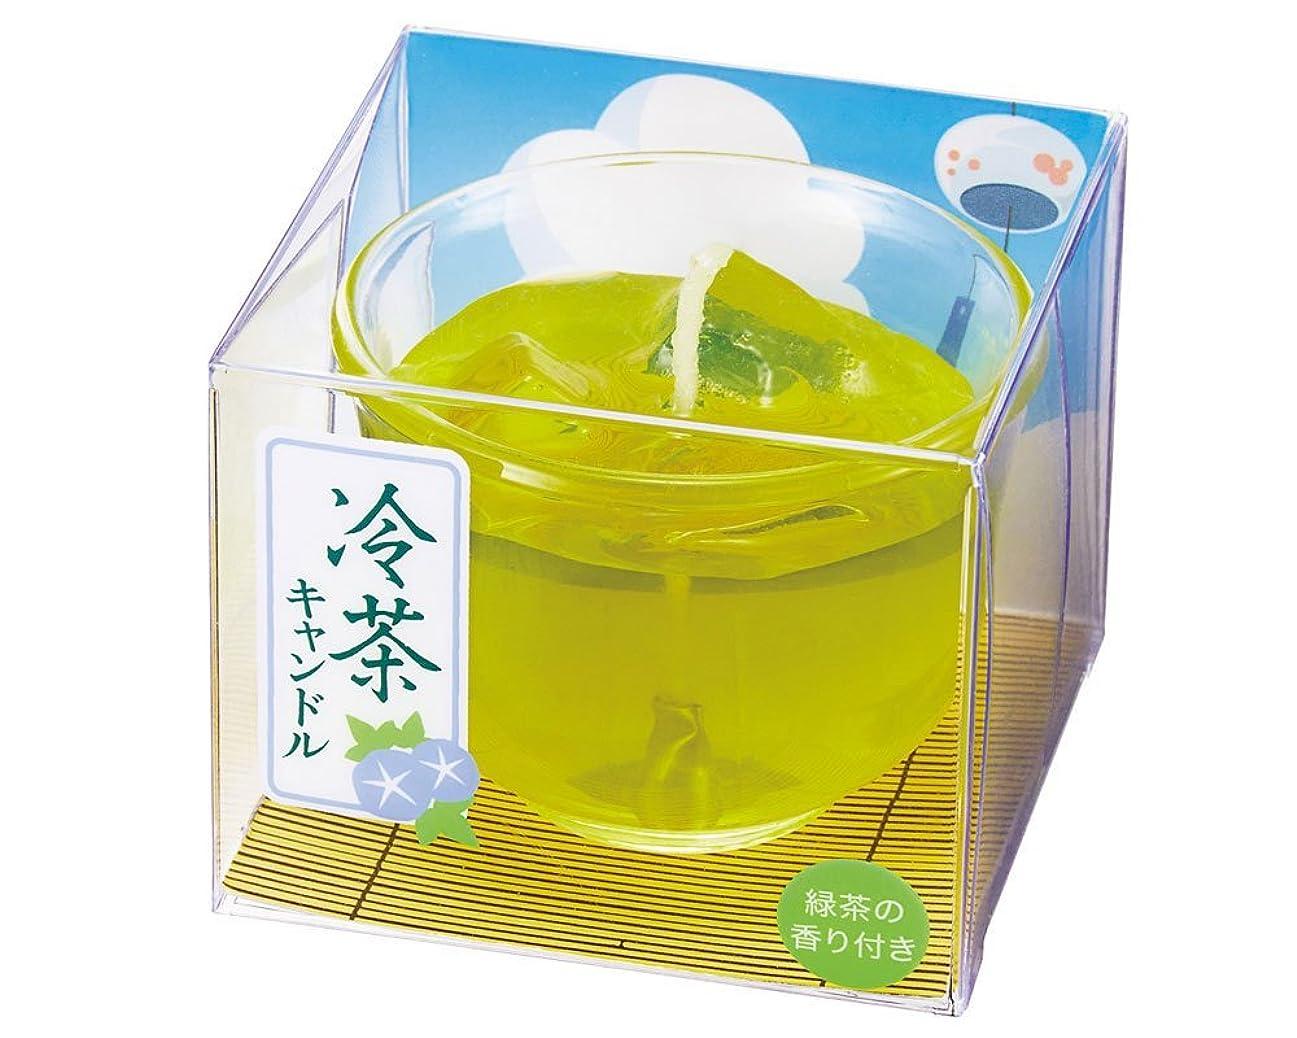 必需品習熟度強調冷茶キャンドル 1個